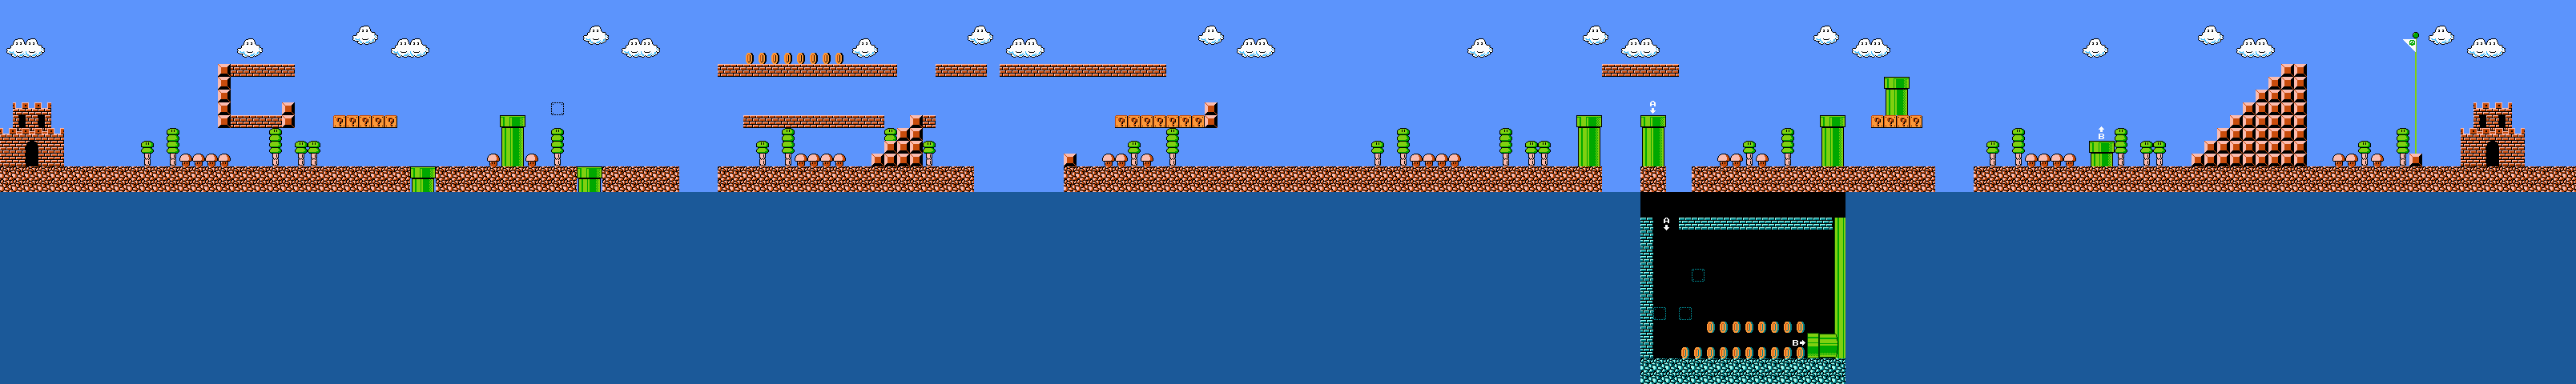 NES - Super Mario Bros  2 / Super Mario Bros: The Lost